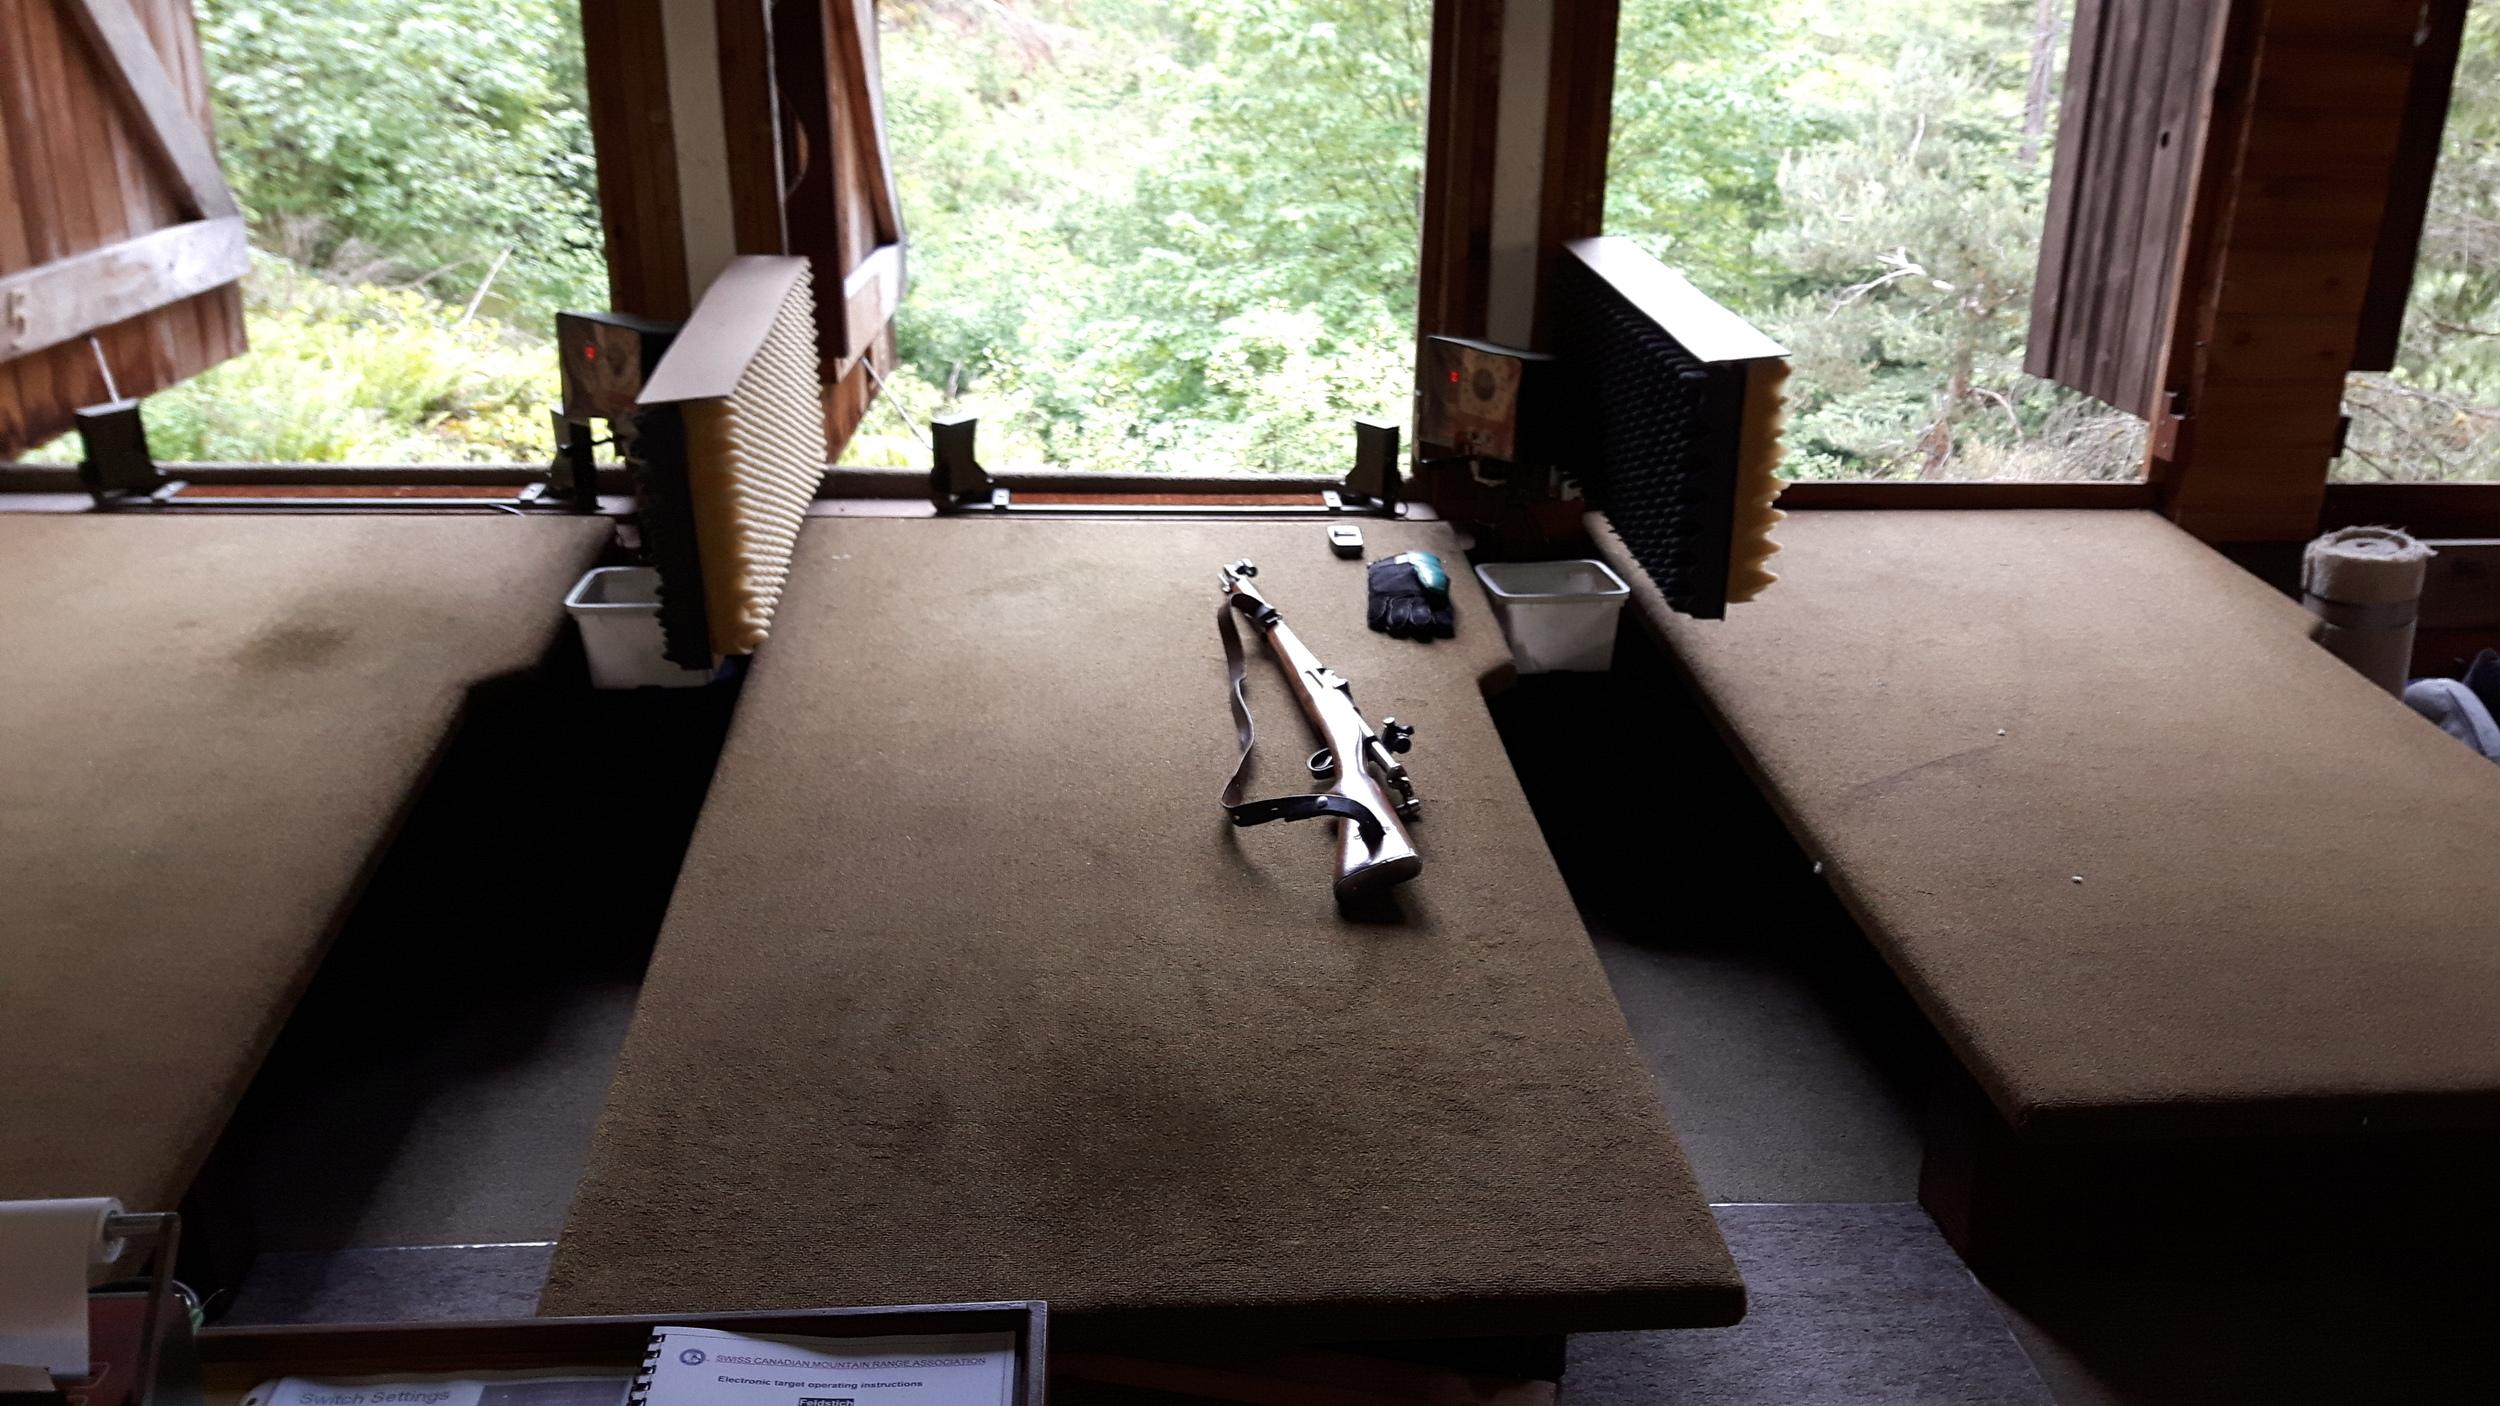 300 meter rifle range